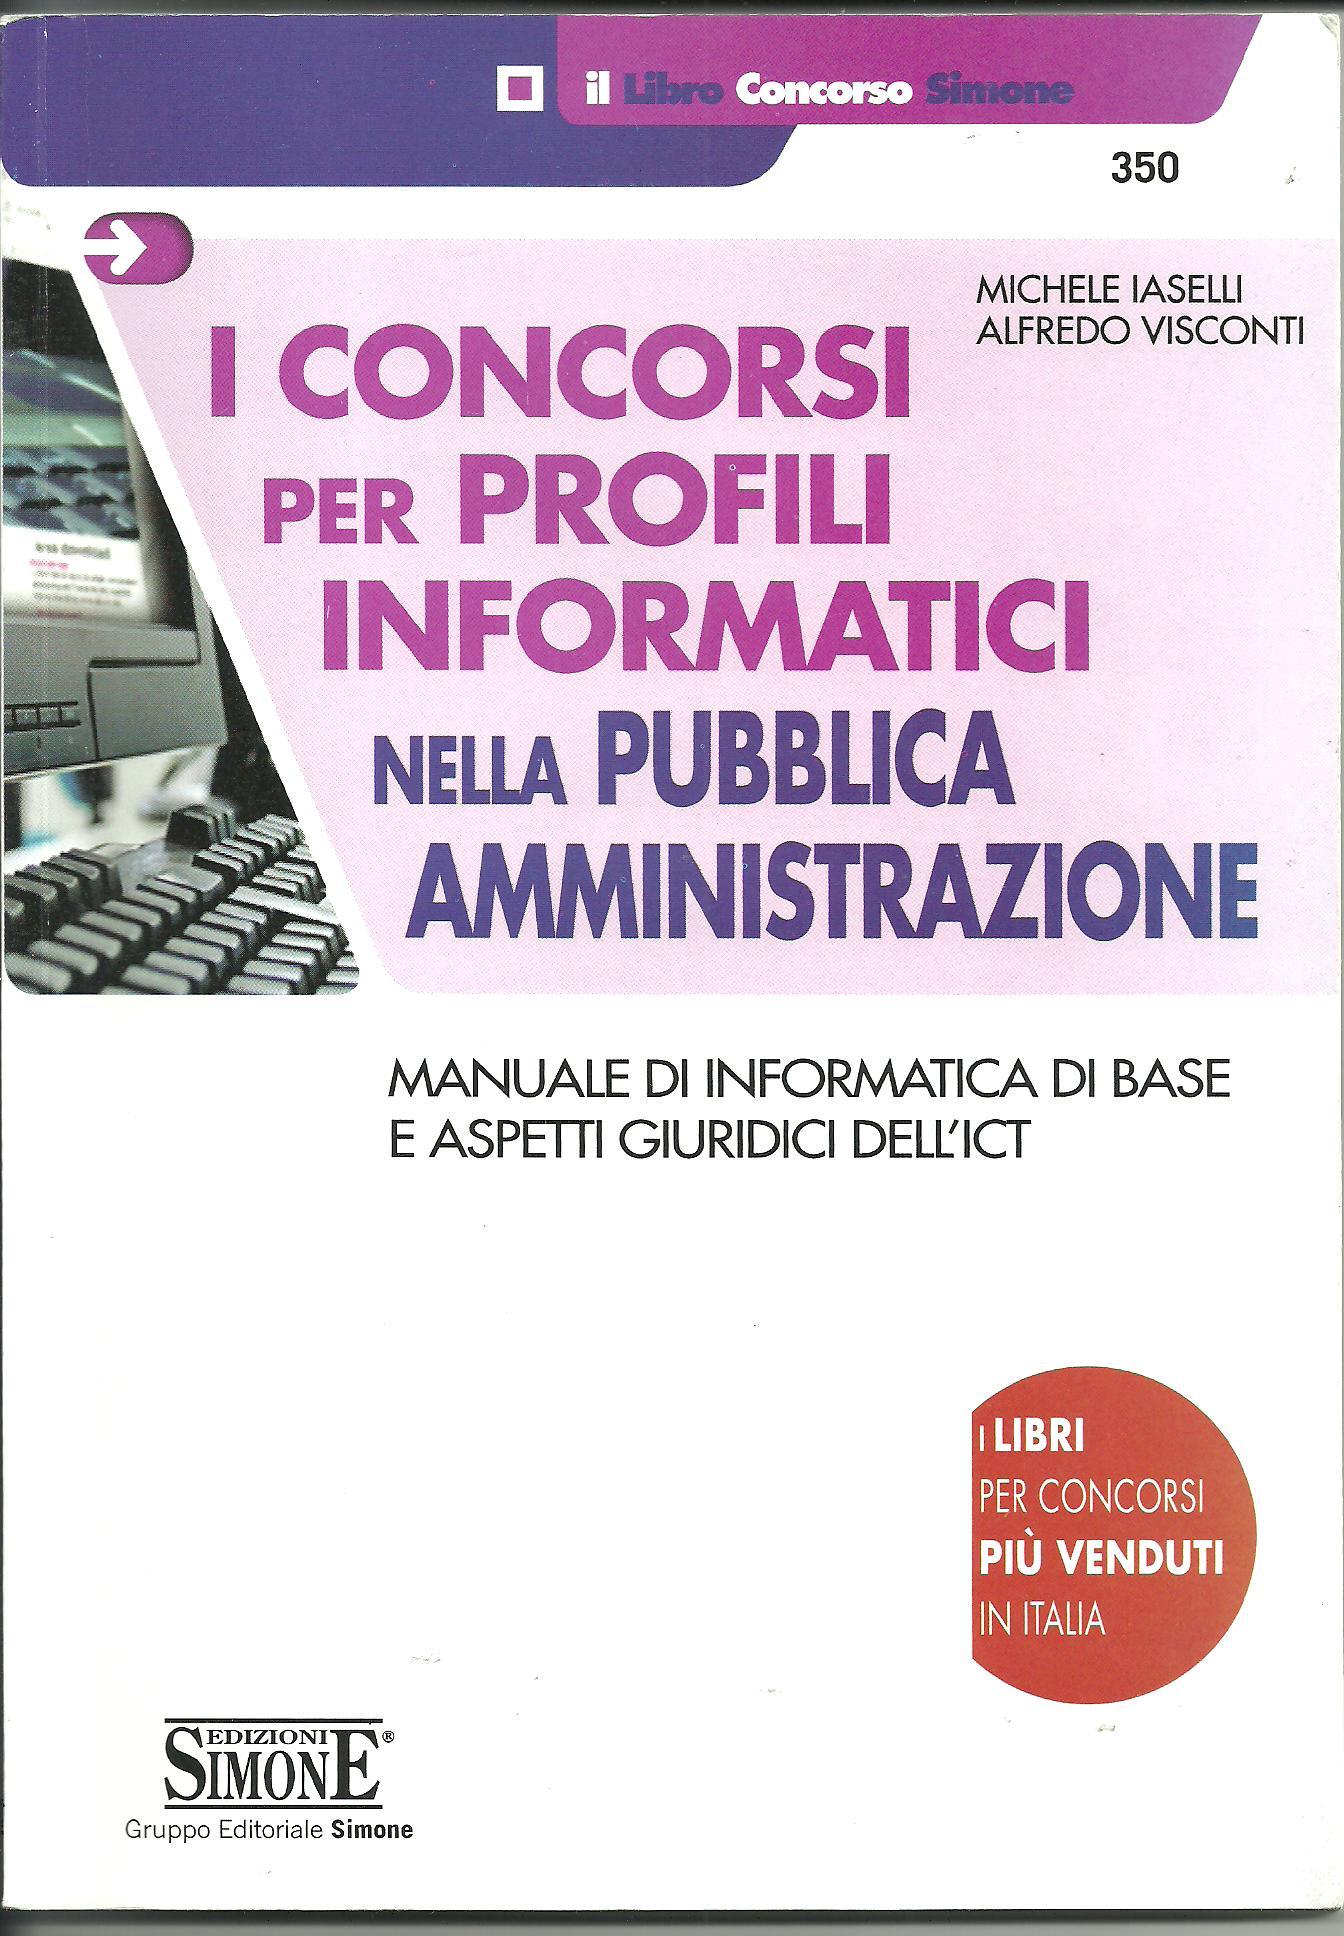 I concorsi per profili informatici nella pubblica amministrazione